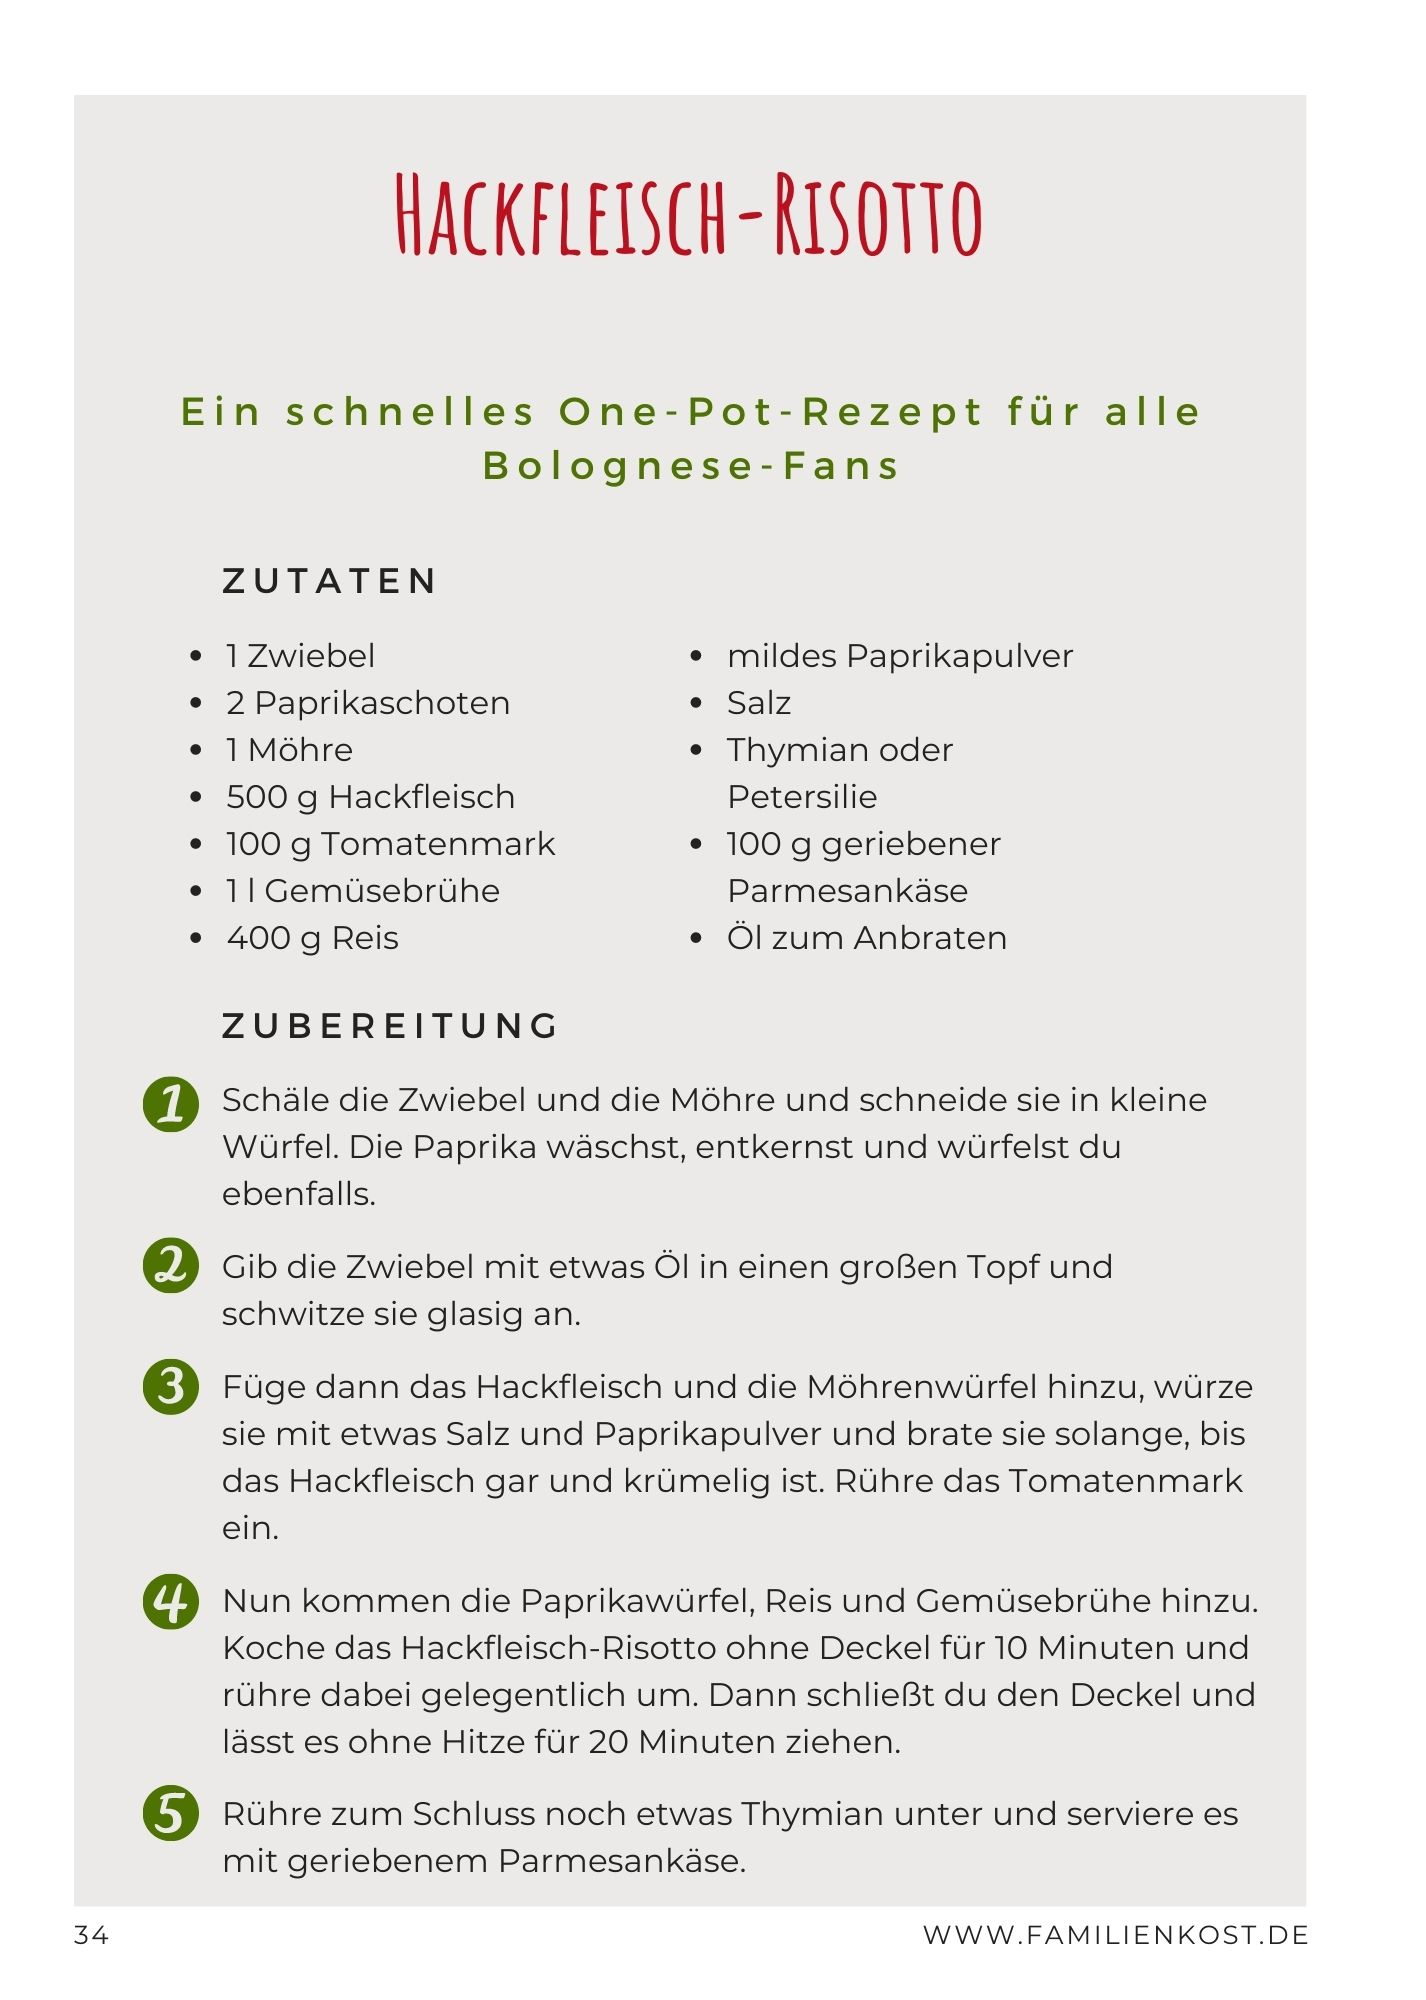 Familienkost: Mein Familienkochbuch by Jenny Böhme